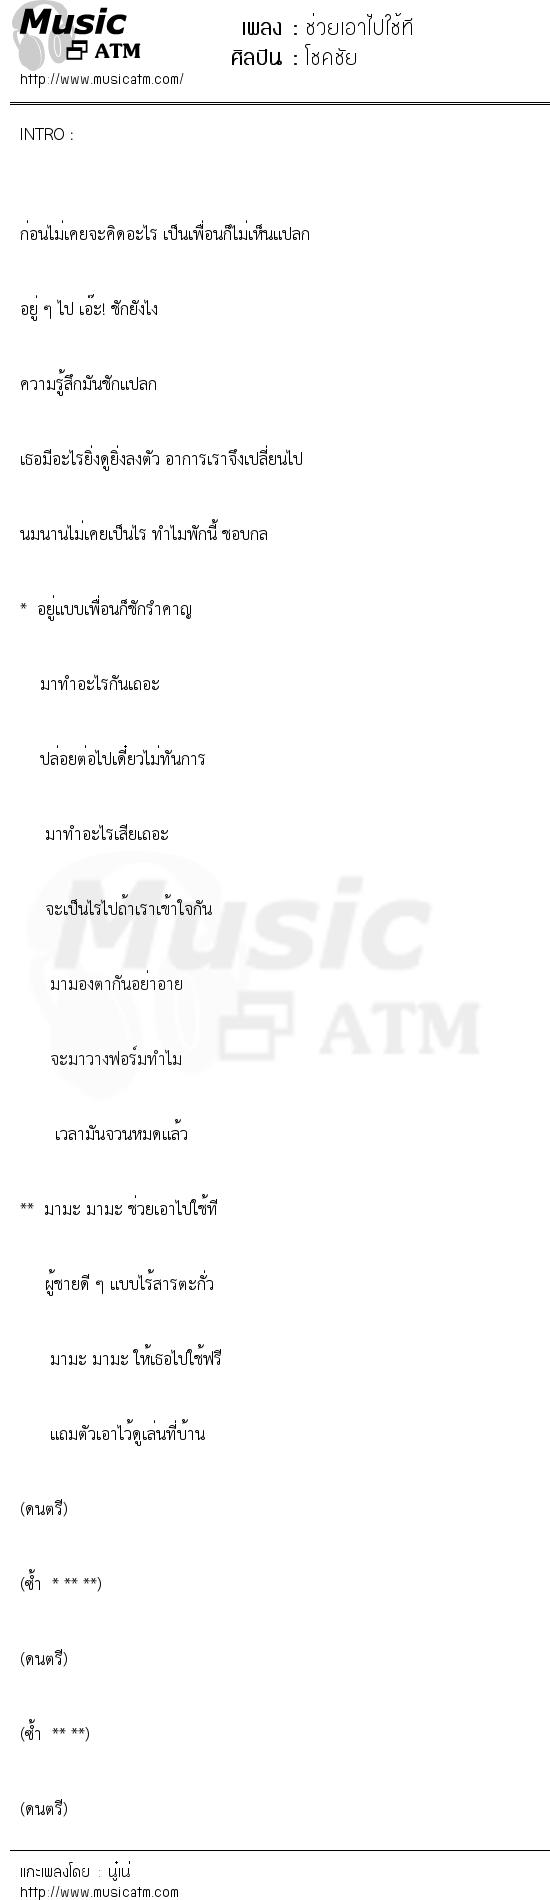 ช่วยเอาไปใช้ที | เพลงไทย